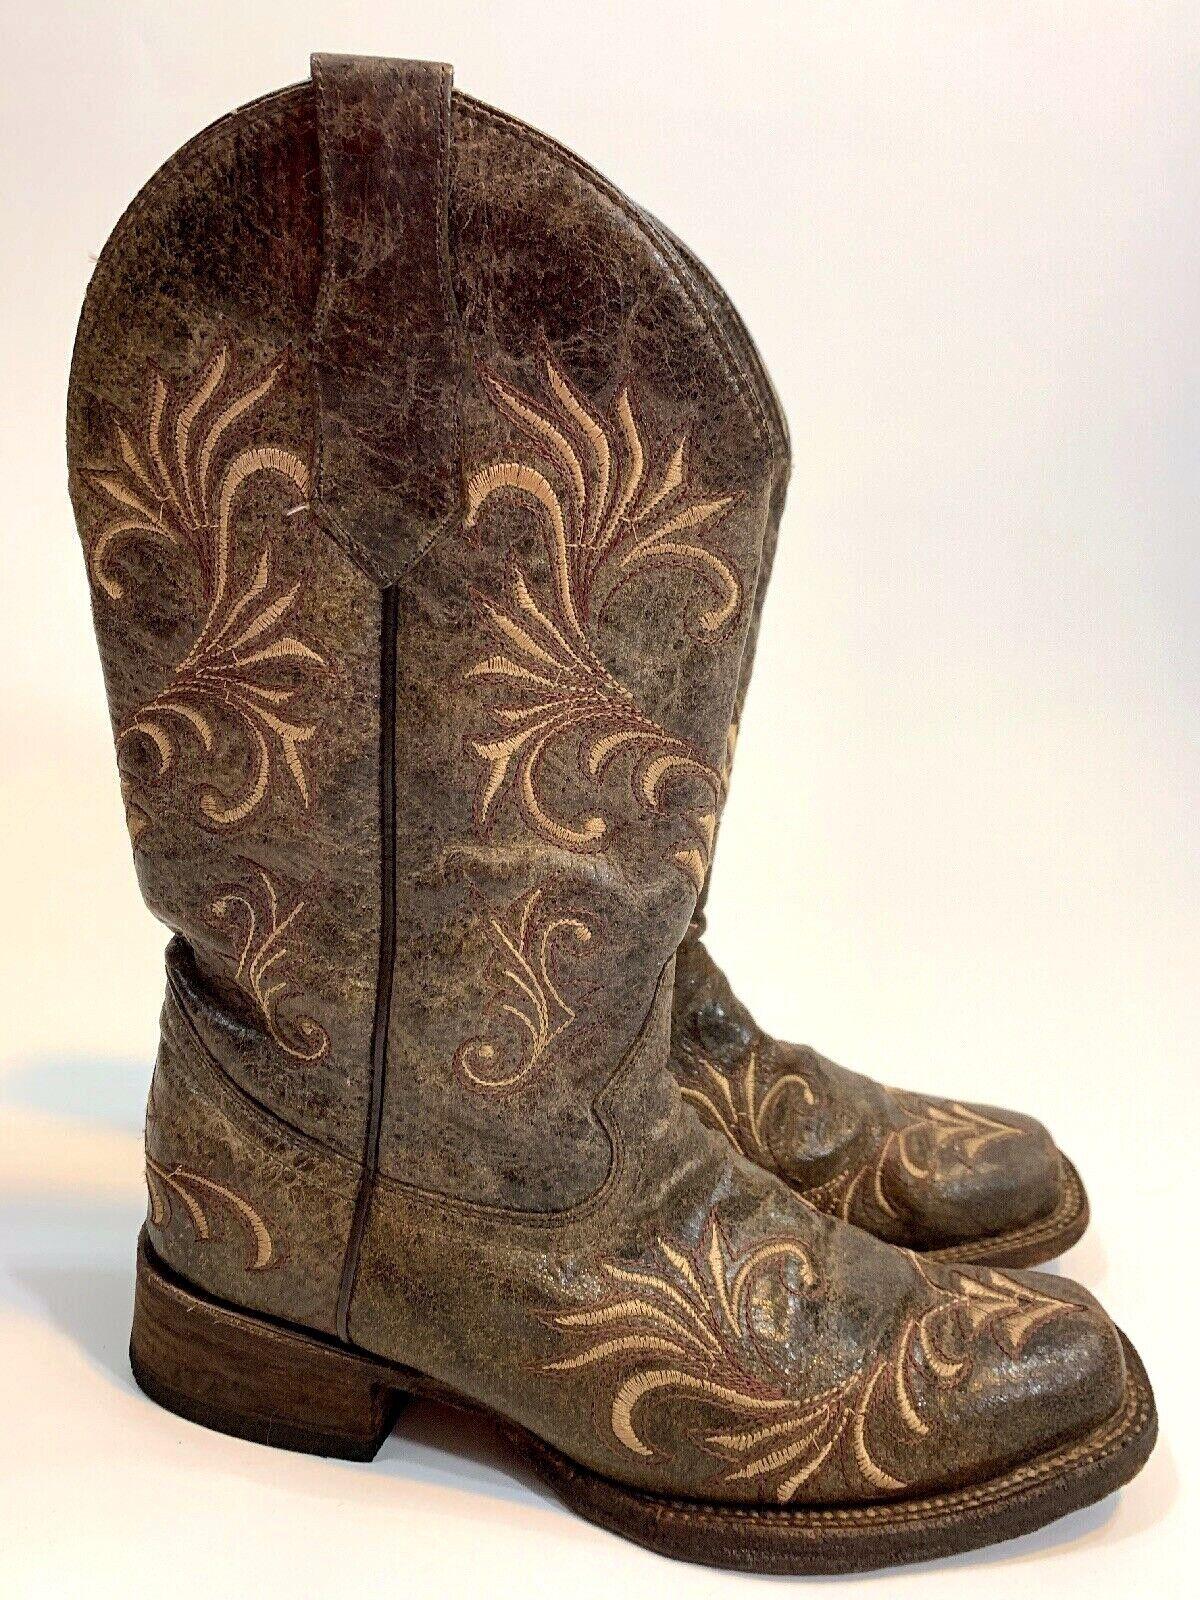 Círculo G Corral botas para Mujer Marrón Dedo Del Pie Cuadrado envejecido Vaquera L5194